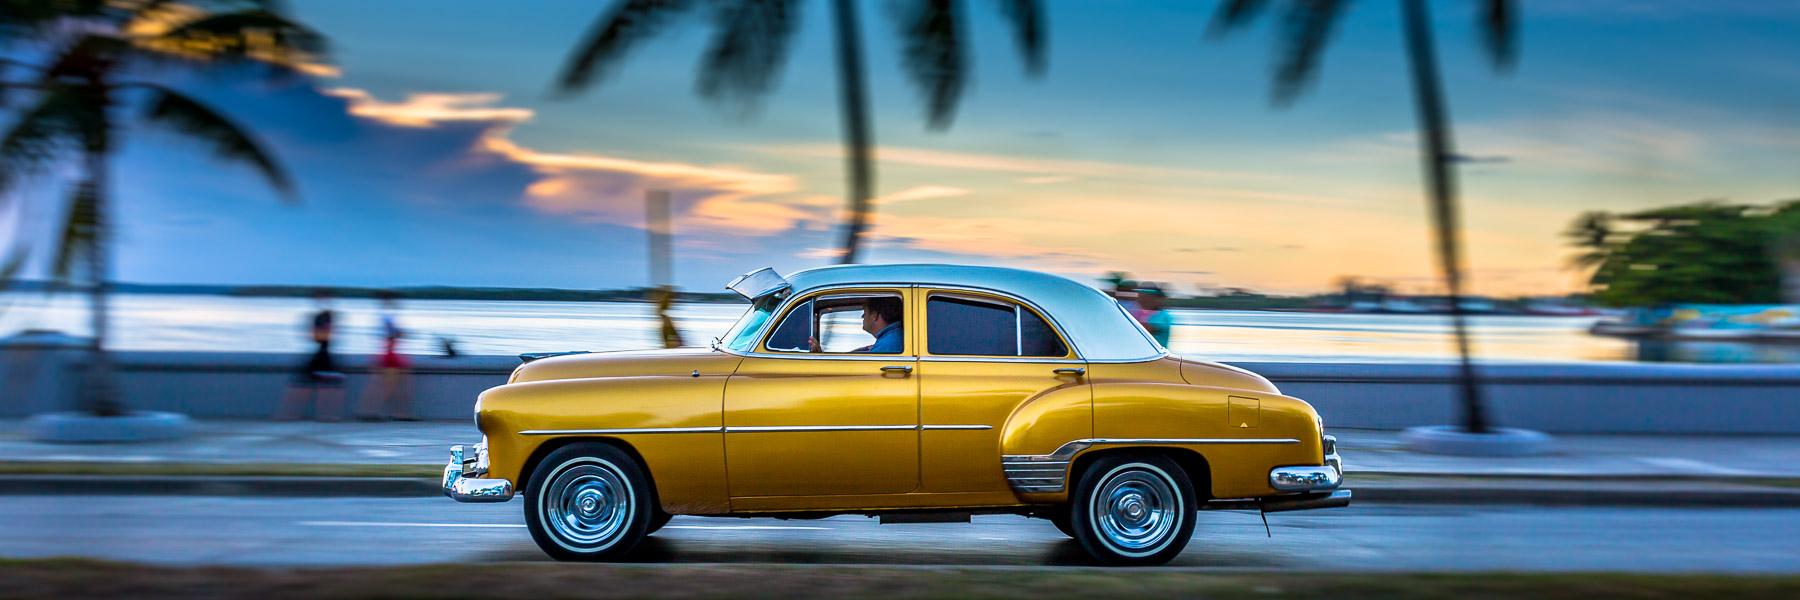 """""""1952 Chevrolet Styleline DeLuxe 4-door Sedan"""", 2013"""